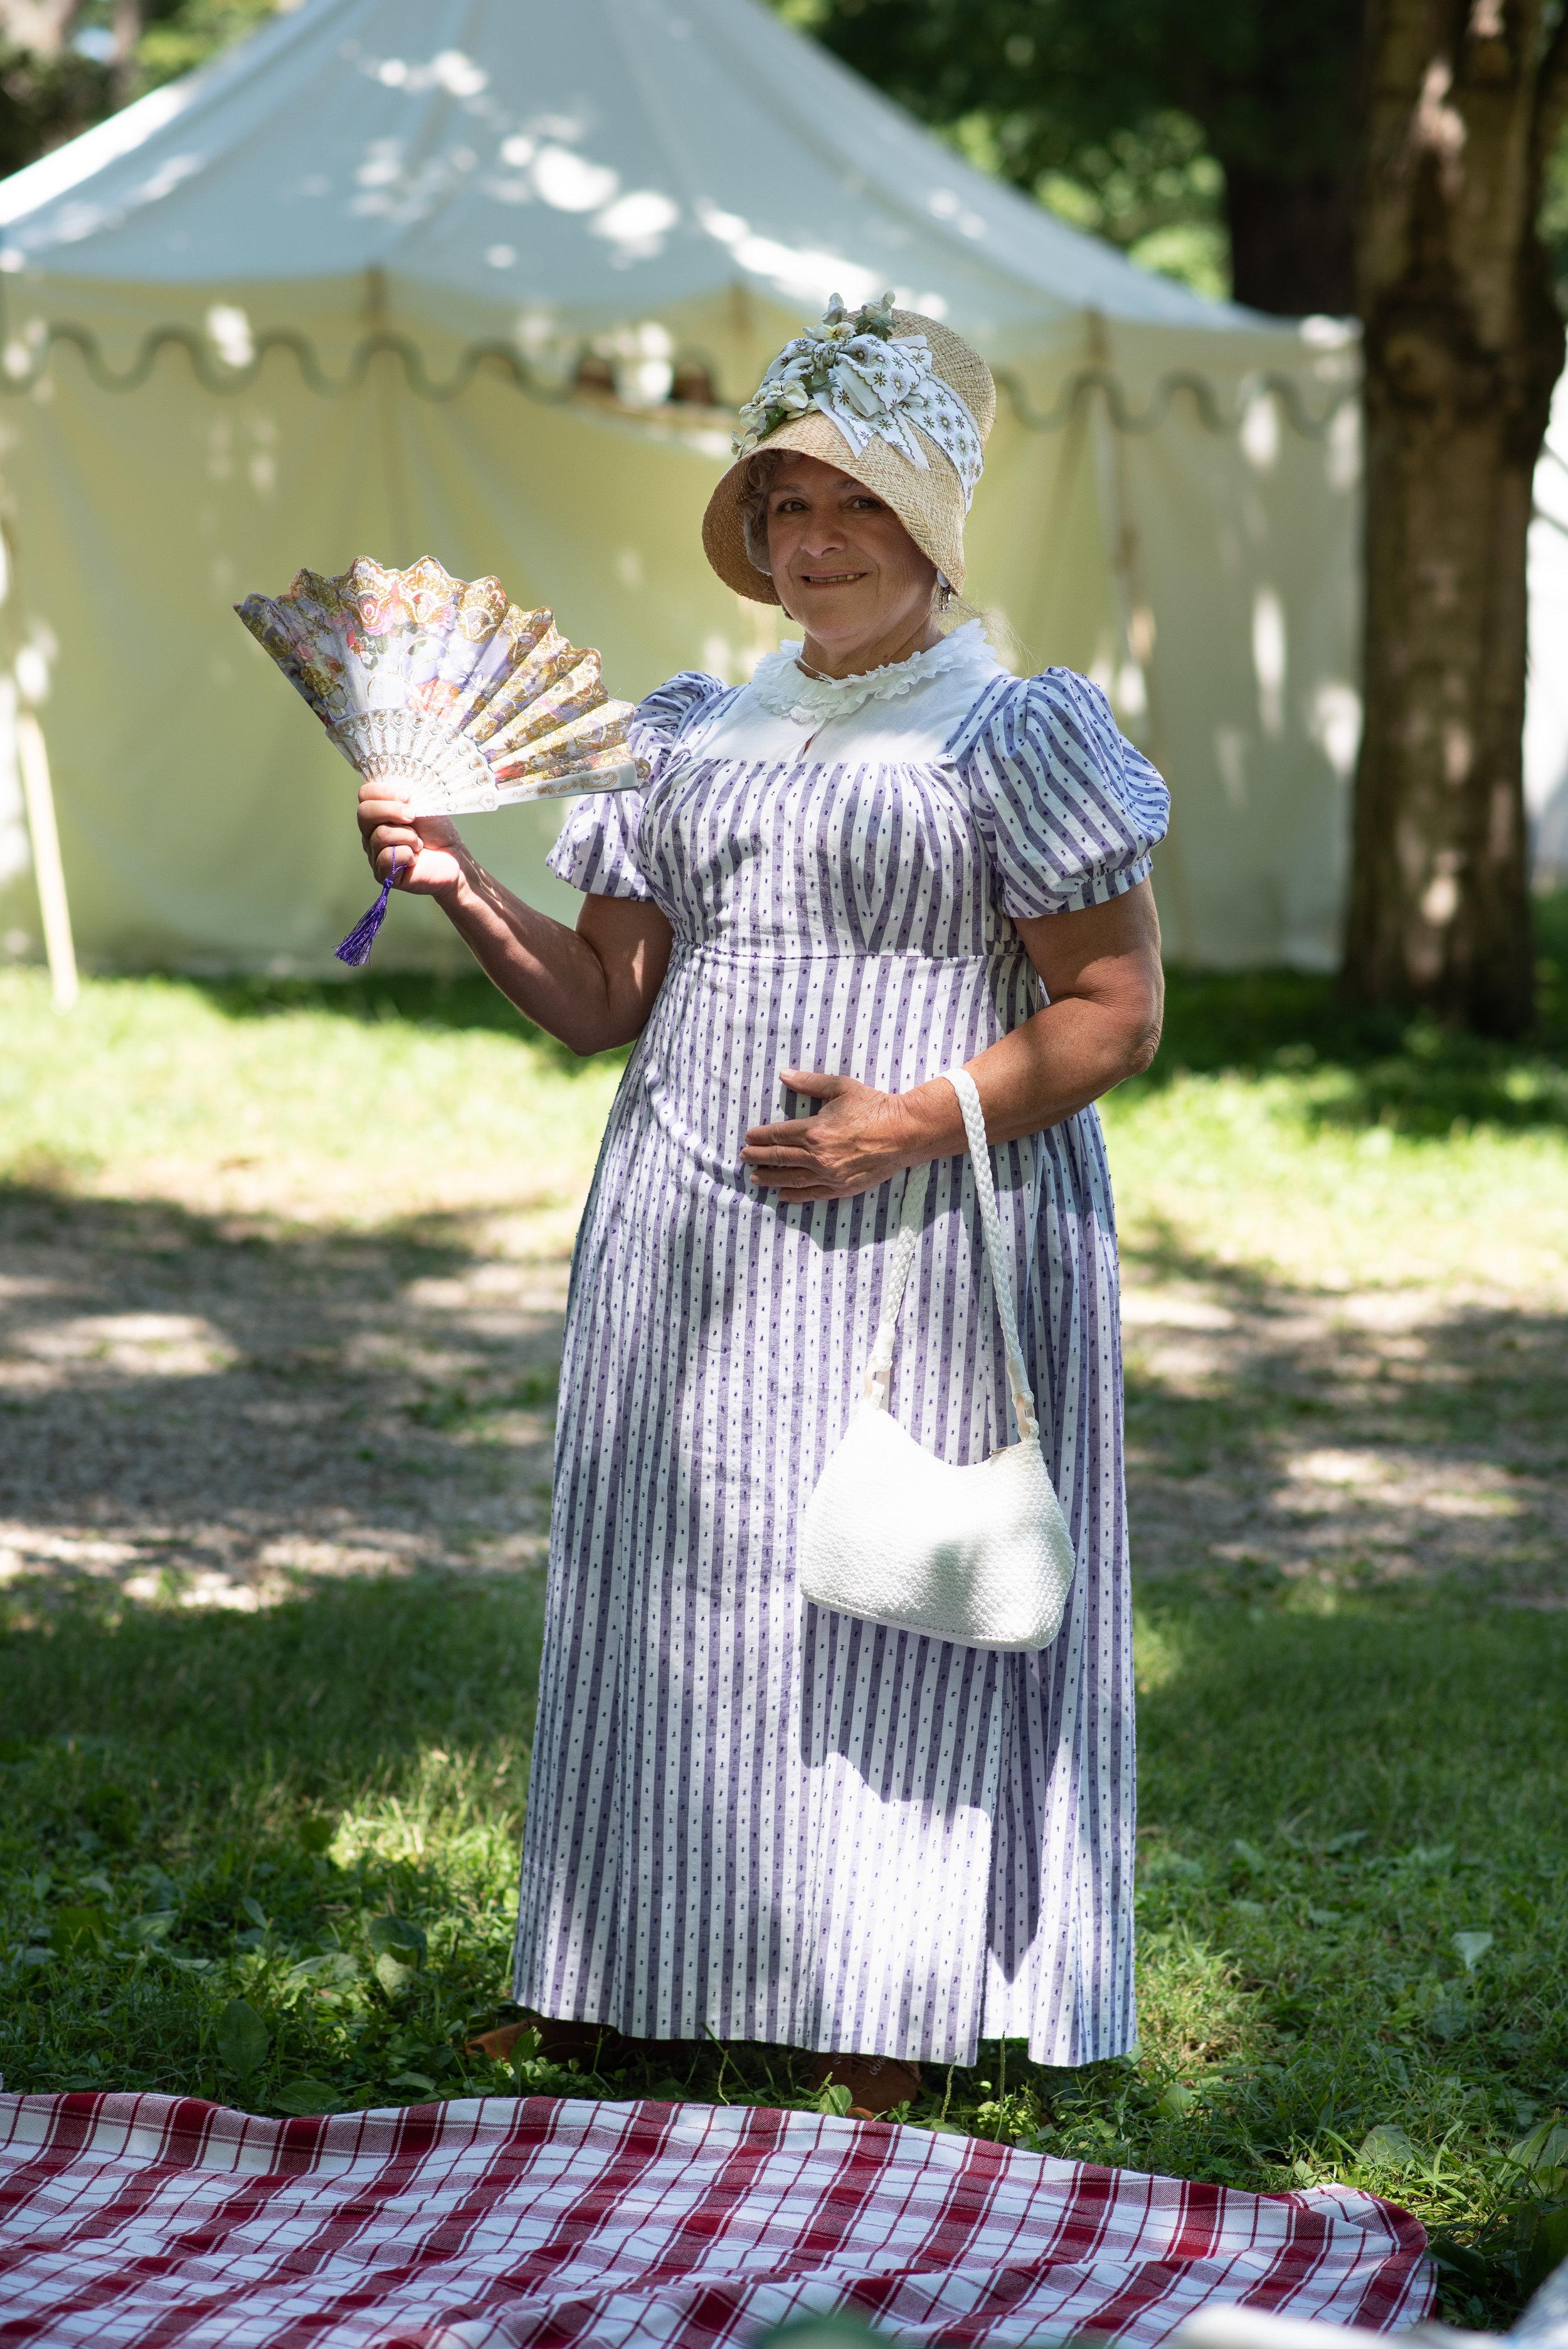 Regency Dress Jane Austen Festival Louisville Kentucky 2019 Regency Bonnet fan hat